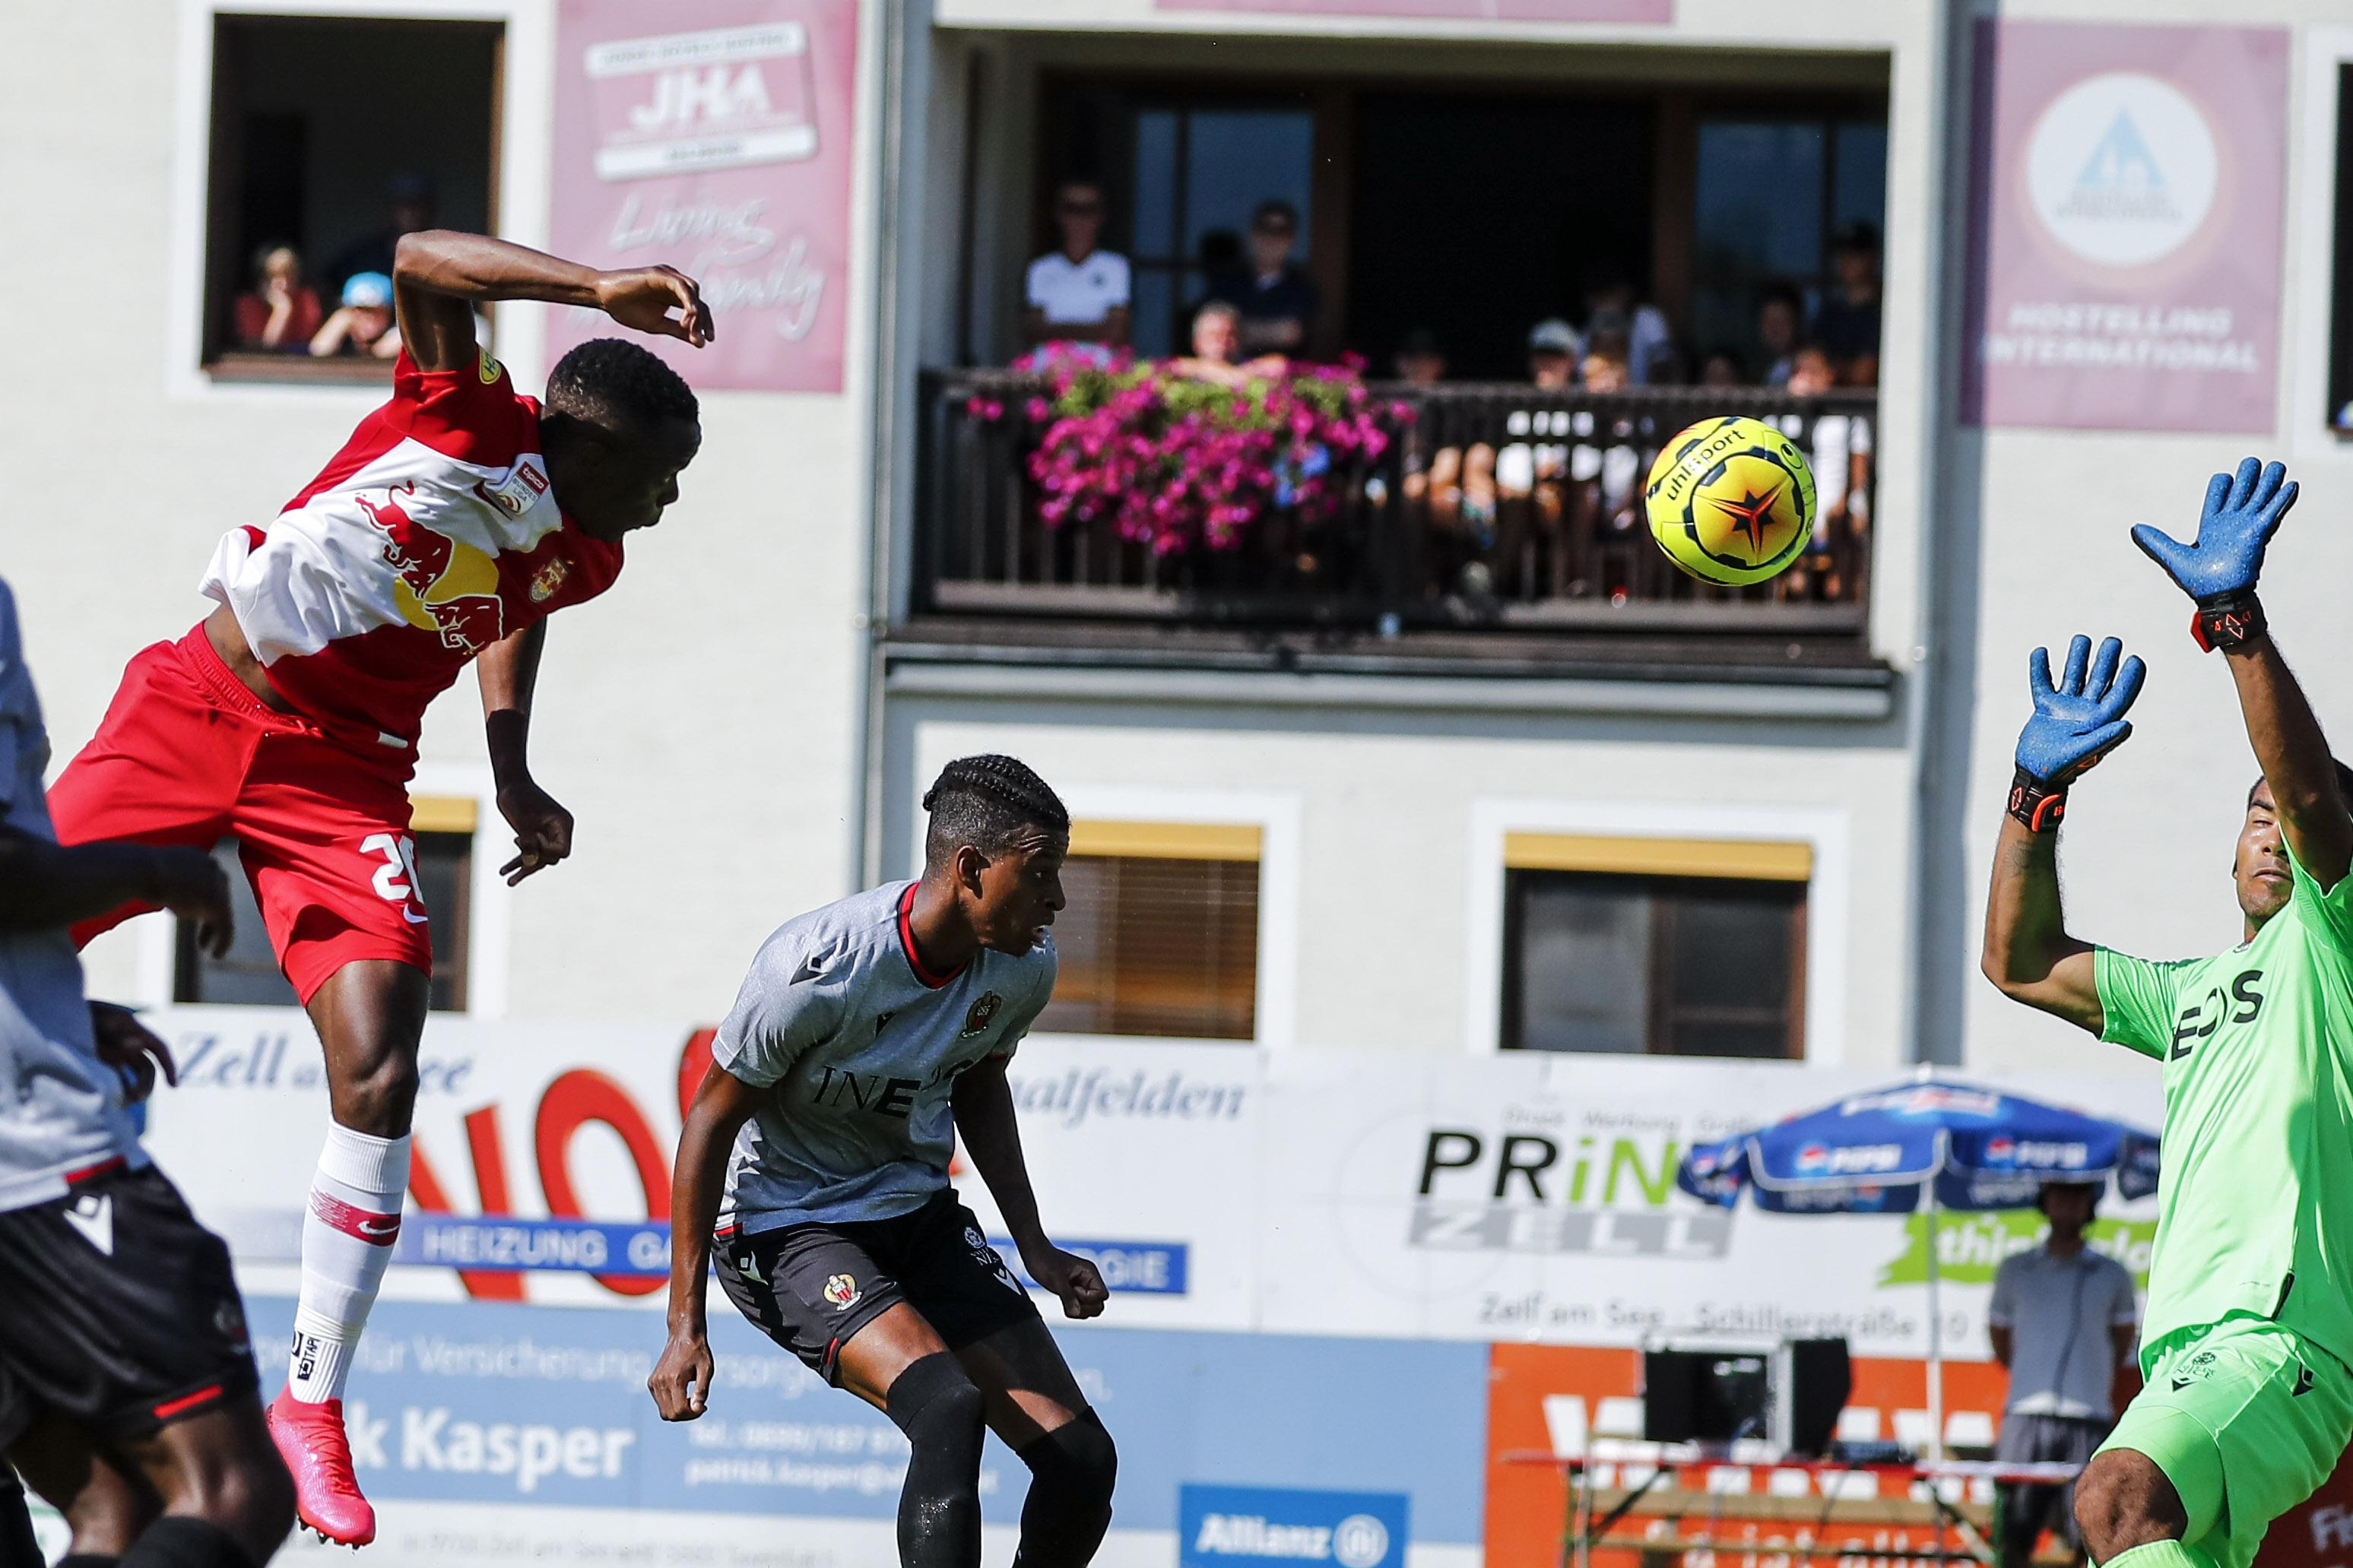 Klarer Salzburg-Sieg gegen Nizza zum Trainingslager-Abschluss